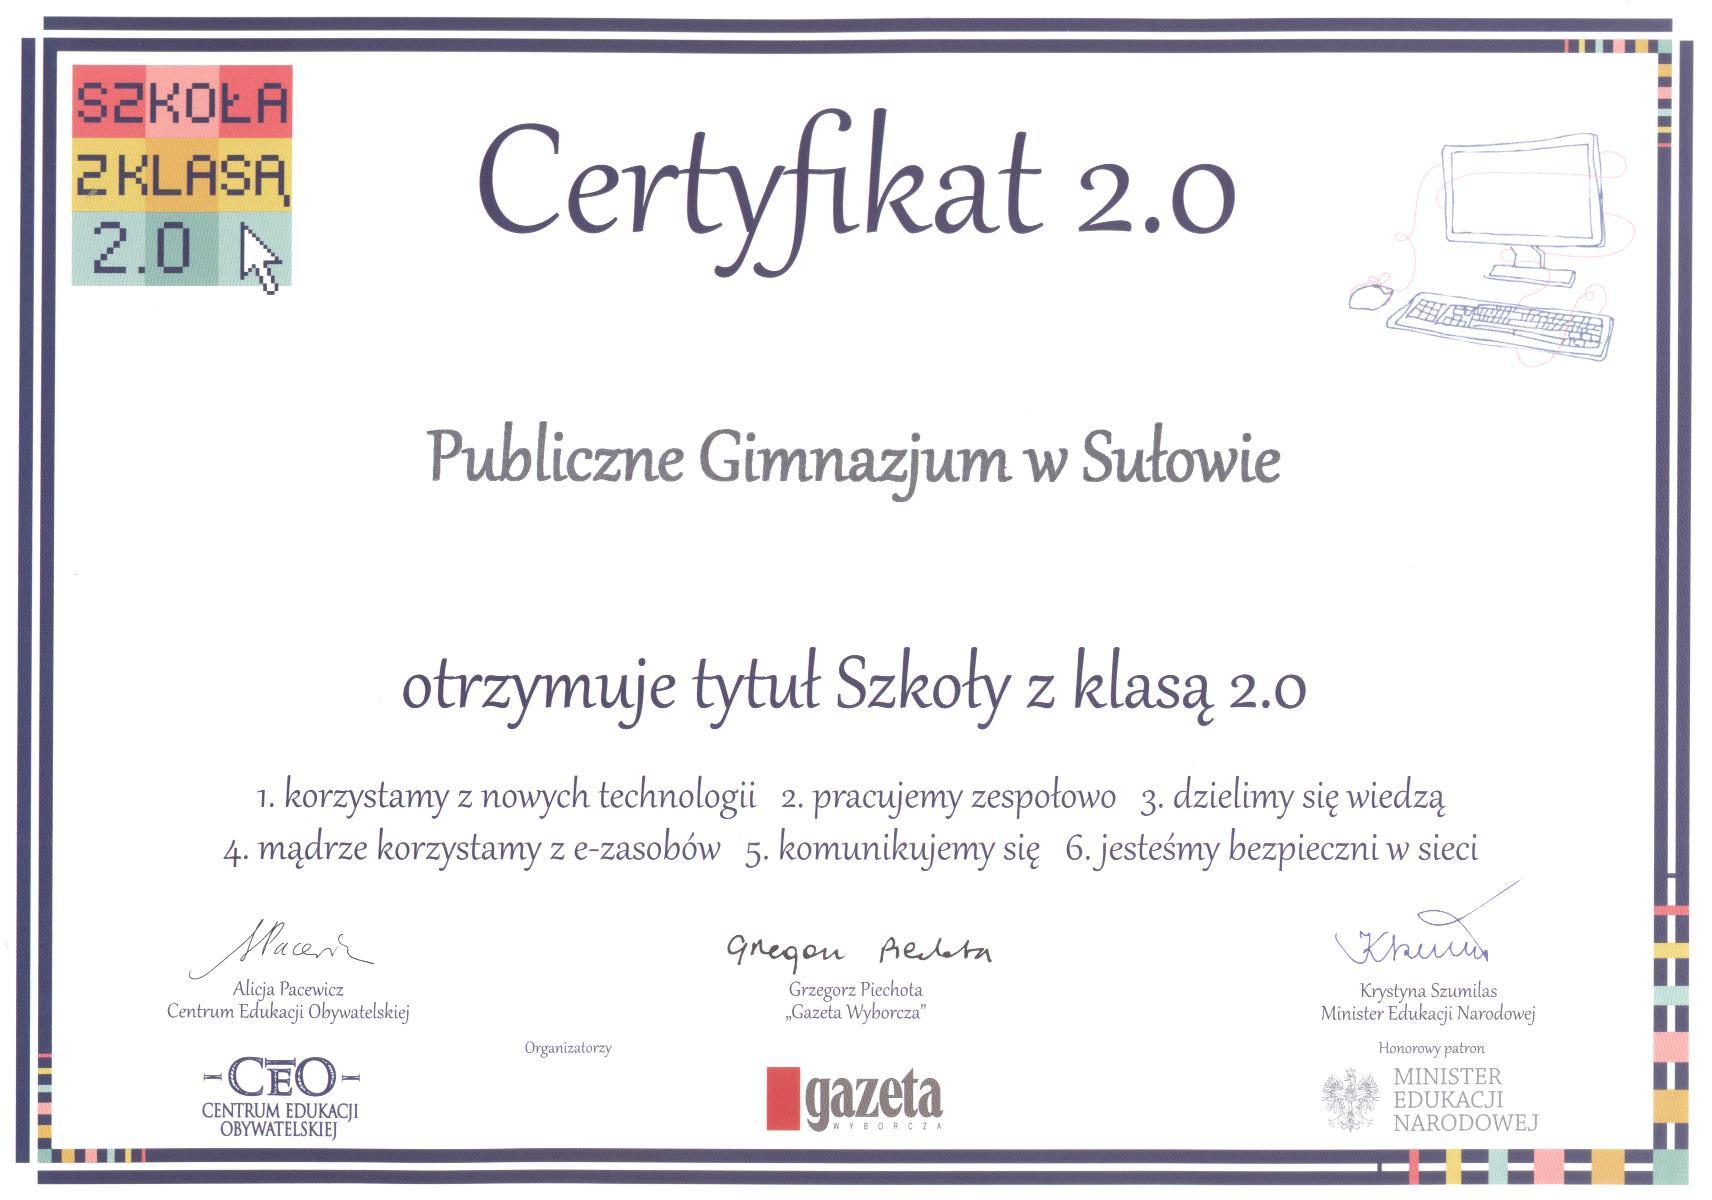 http://zssulow.szkolnastrona.pl/container/szkola_z_klasa_2.0.jpg